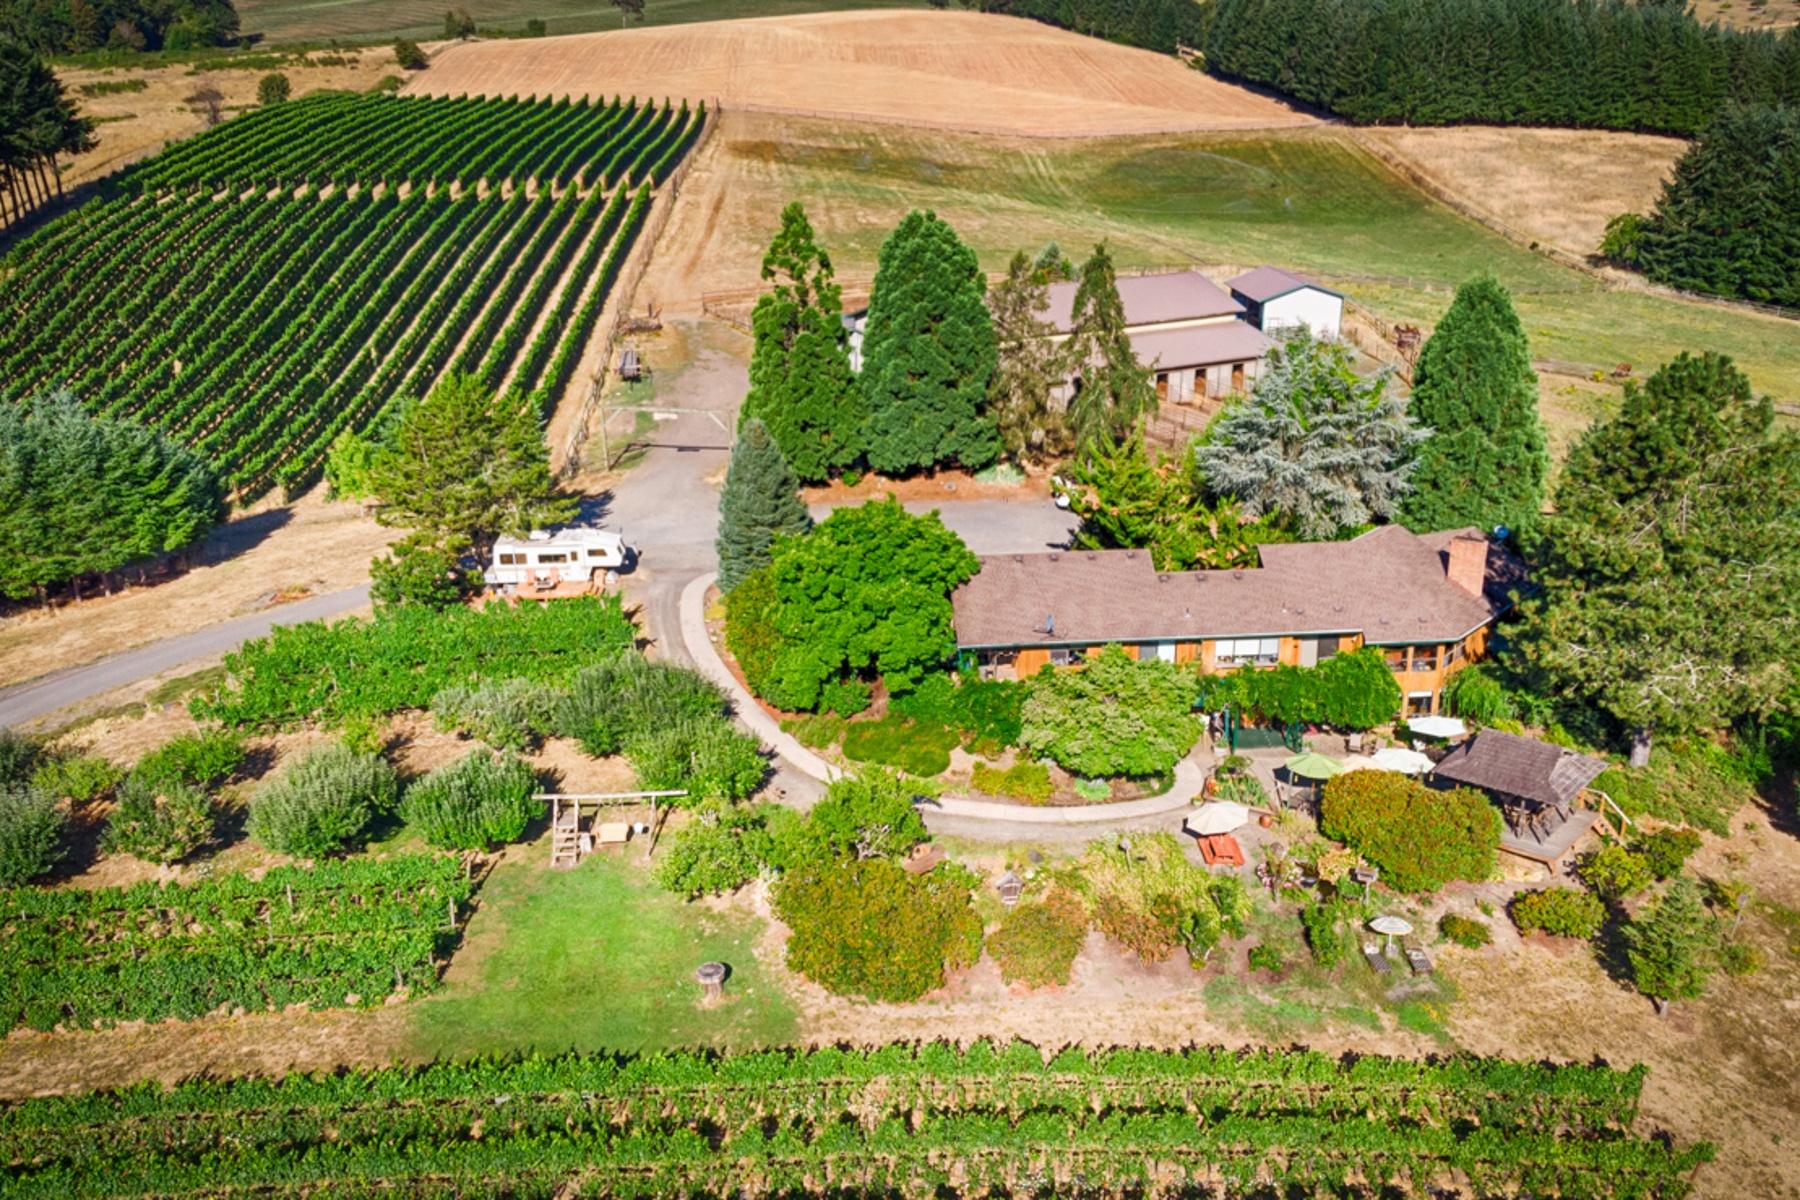 Fazenda / Quinta / Rancho / Plantação para Venda às Cornelius, Oregon 97113 Estados Unidos